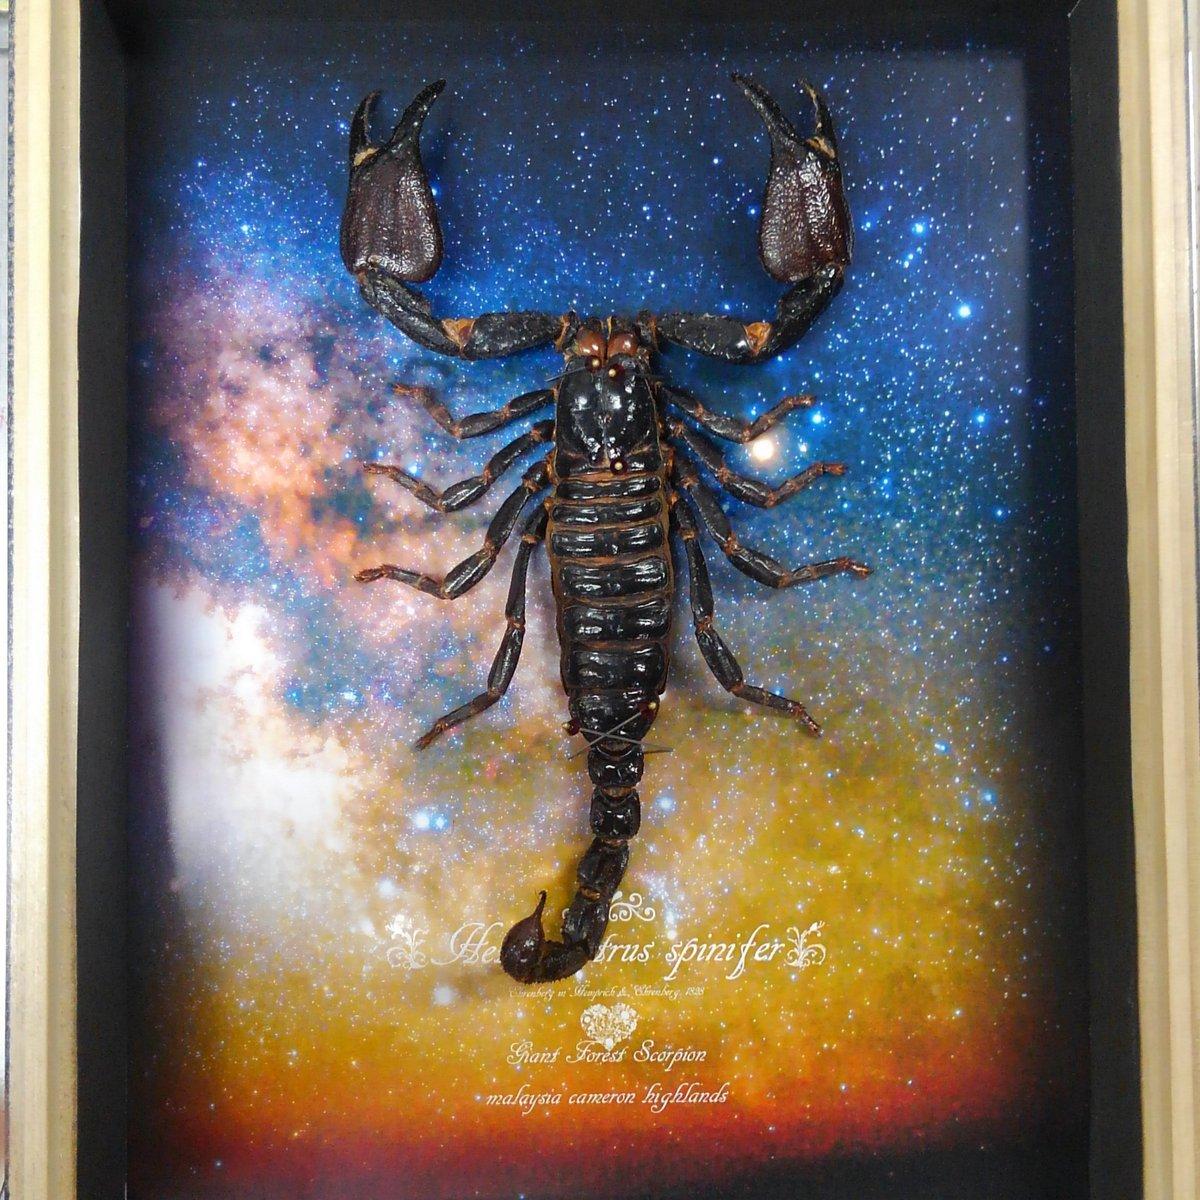 過去の販売品より 蠍座の夜空標本箱 こちらは在庫あり、標本ですので一点物です 11,800円 2月19日のワンフェスにて